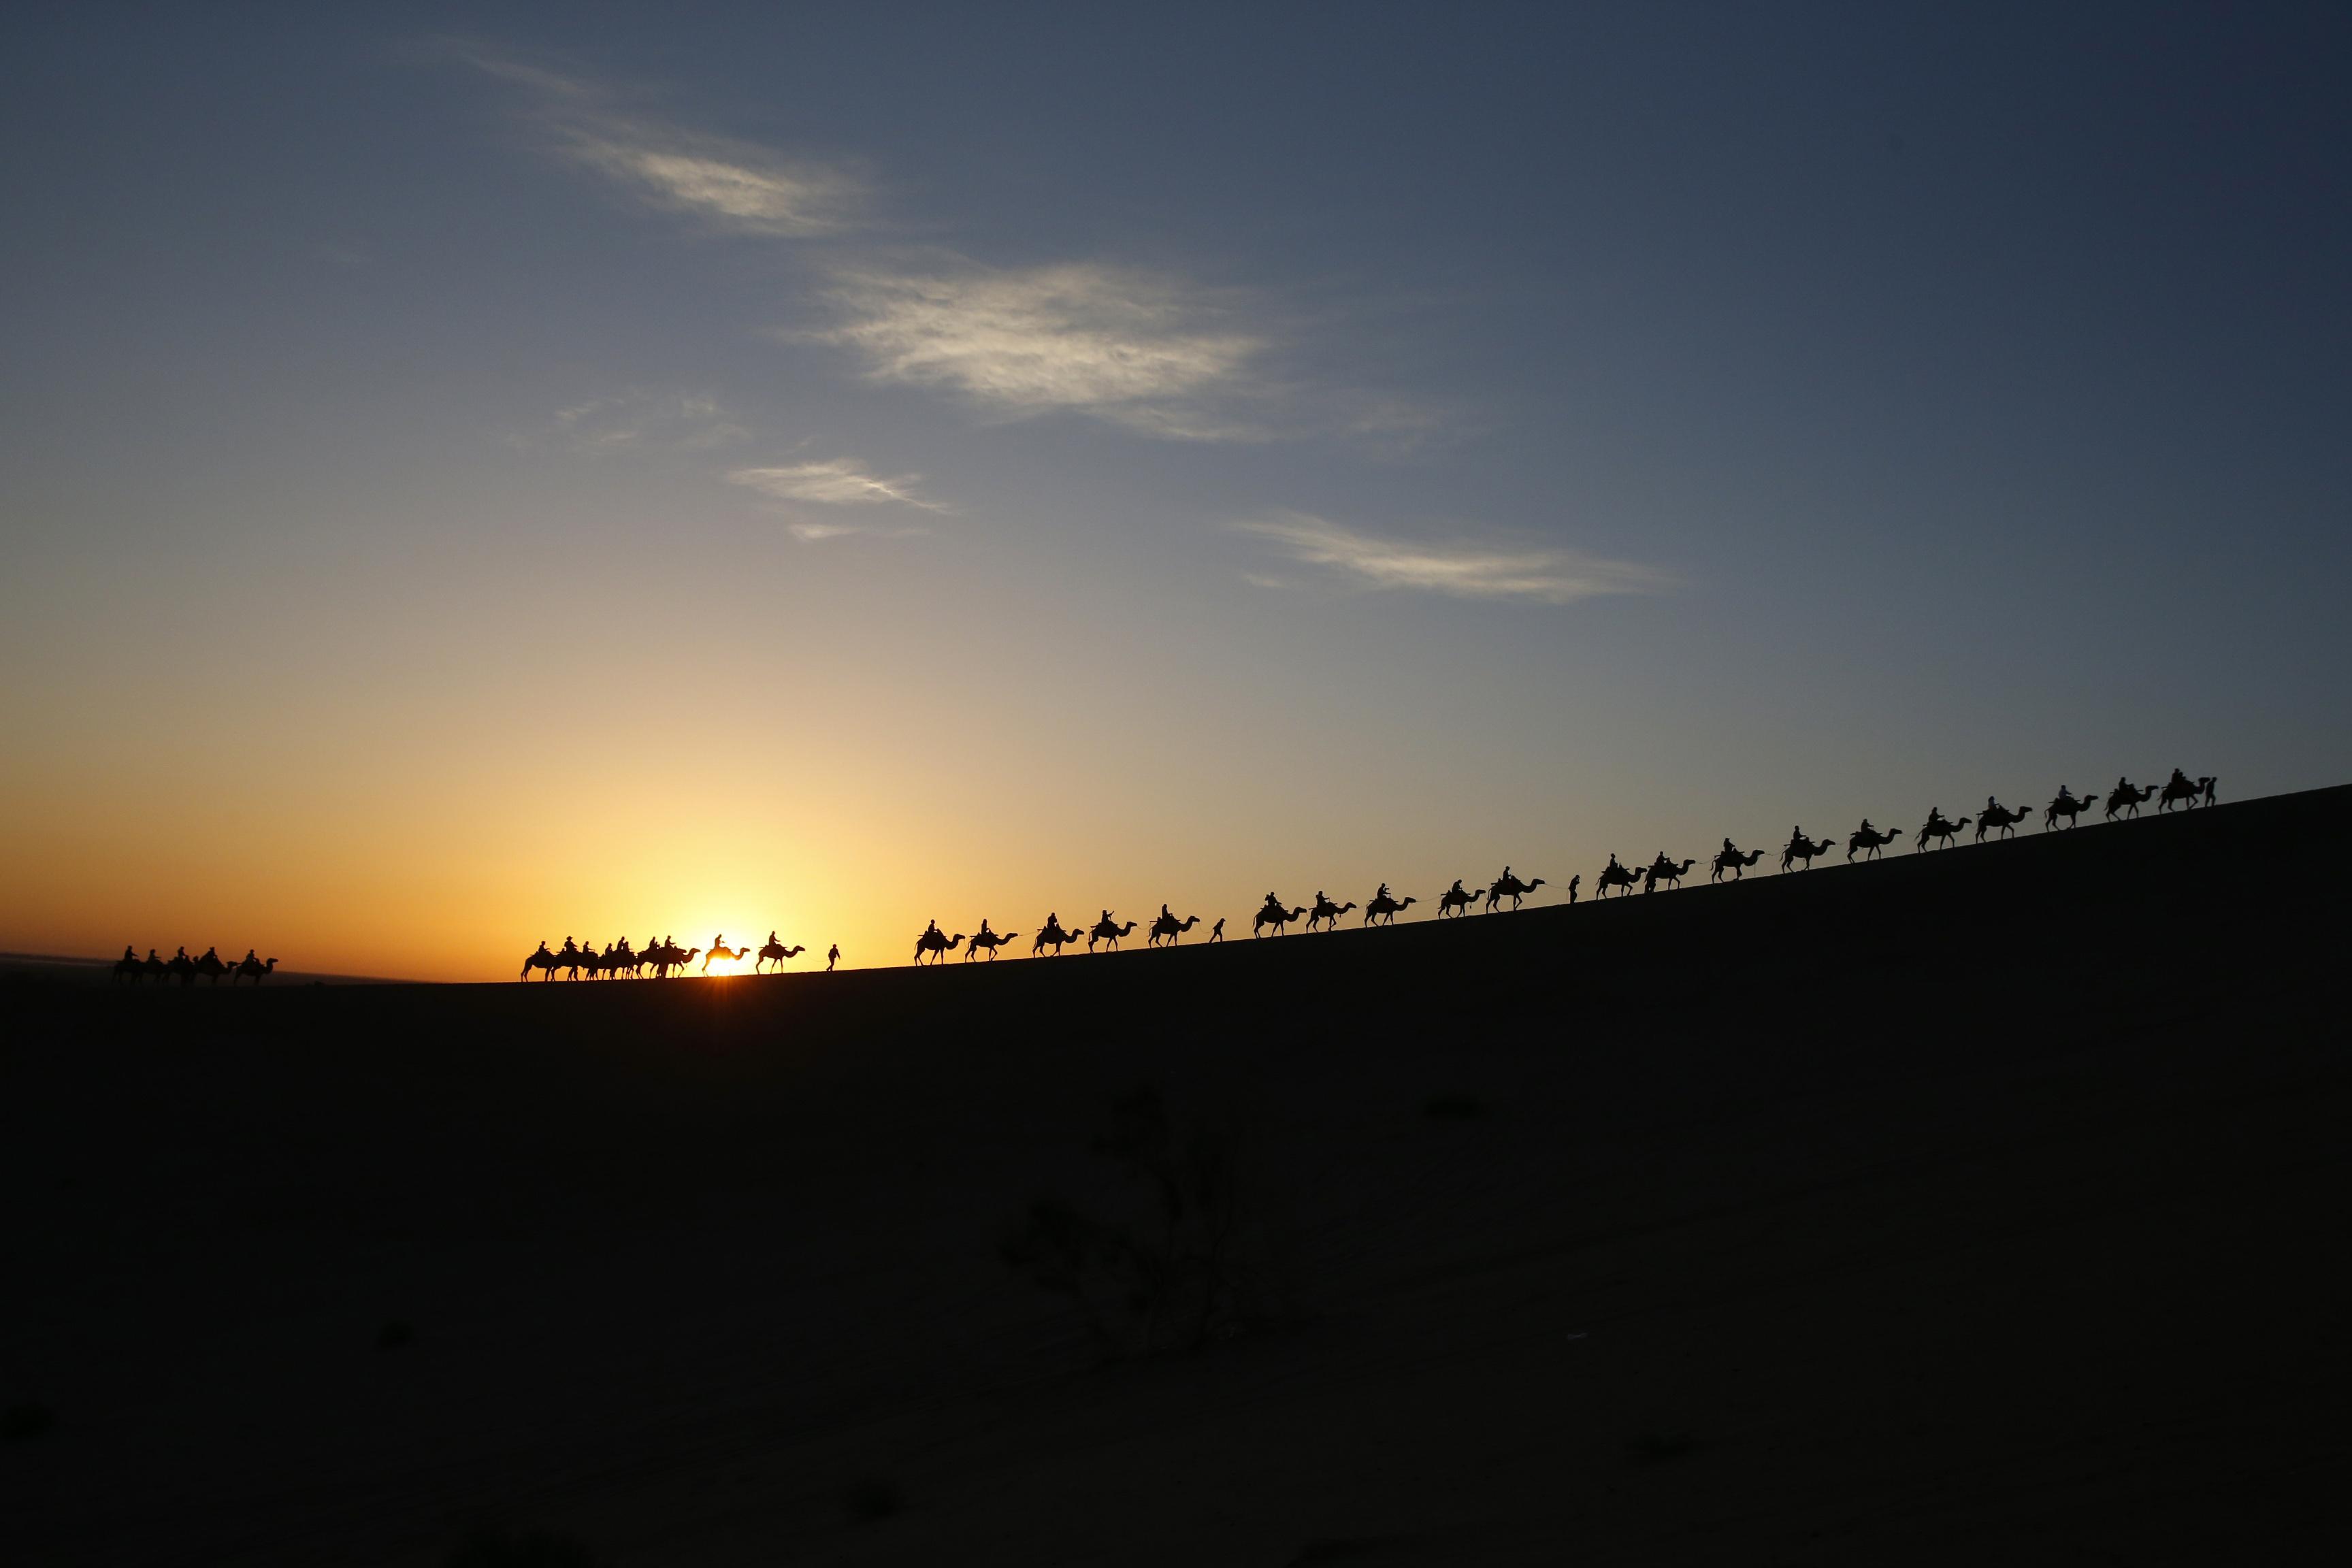 CHINA, 11.7.2013. Turistas passeiam de camelo ao nascer do sol em Dunhuang, província de Gansu.